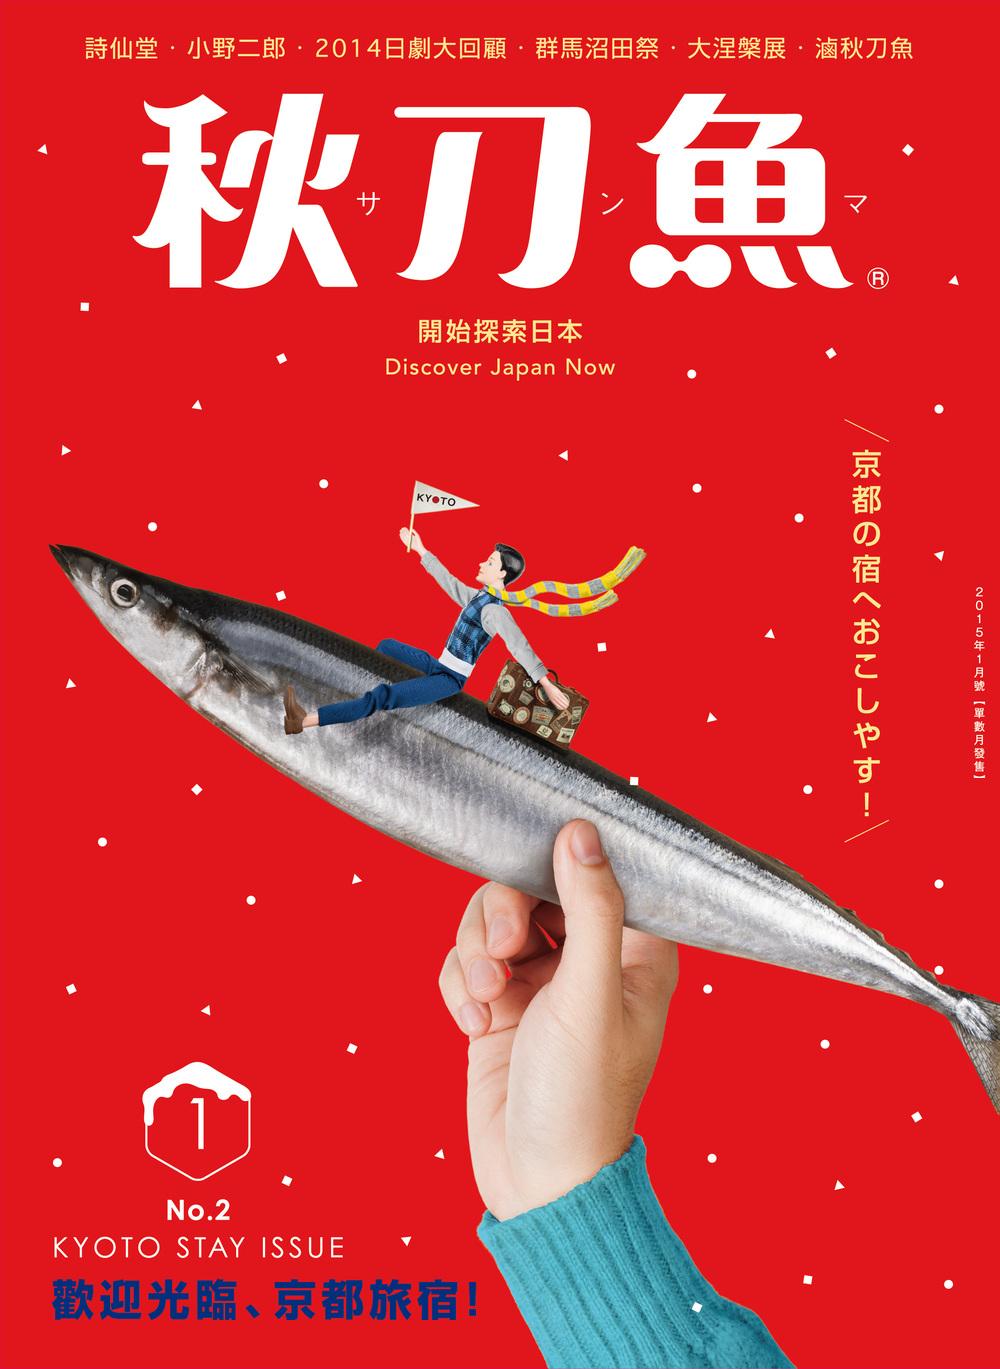 2015年1月號第2期   〈  歡迎光臨、京都旅宿!〉